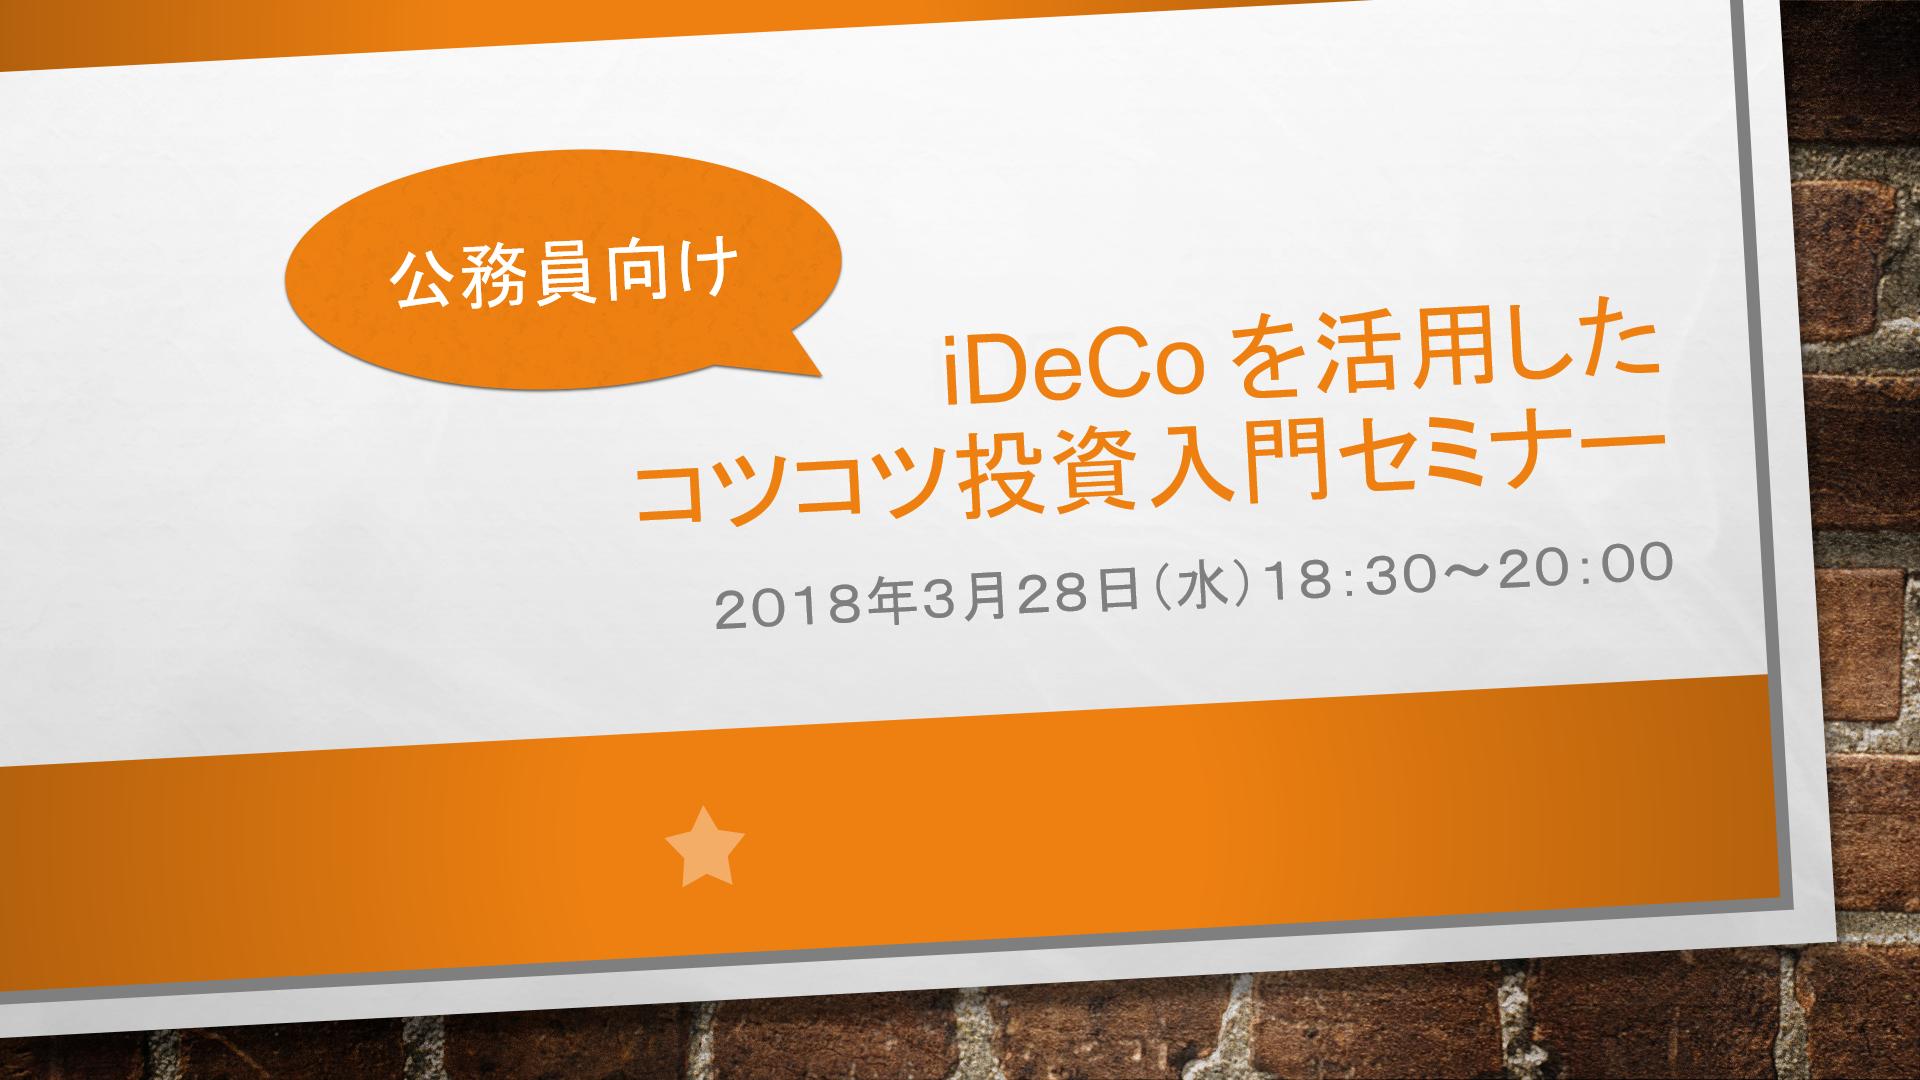 【公務員向け】iDeCoを活用したコツコツ投資入門セミナー